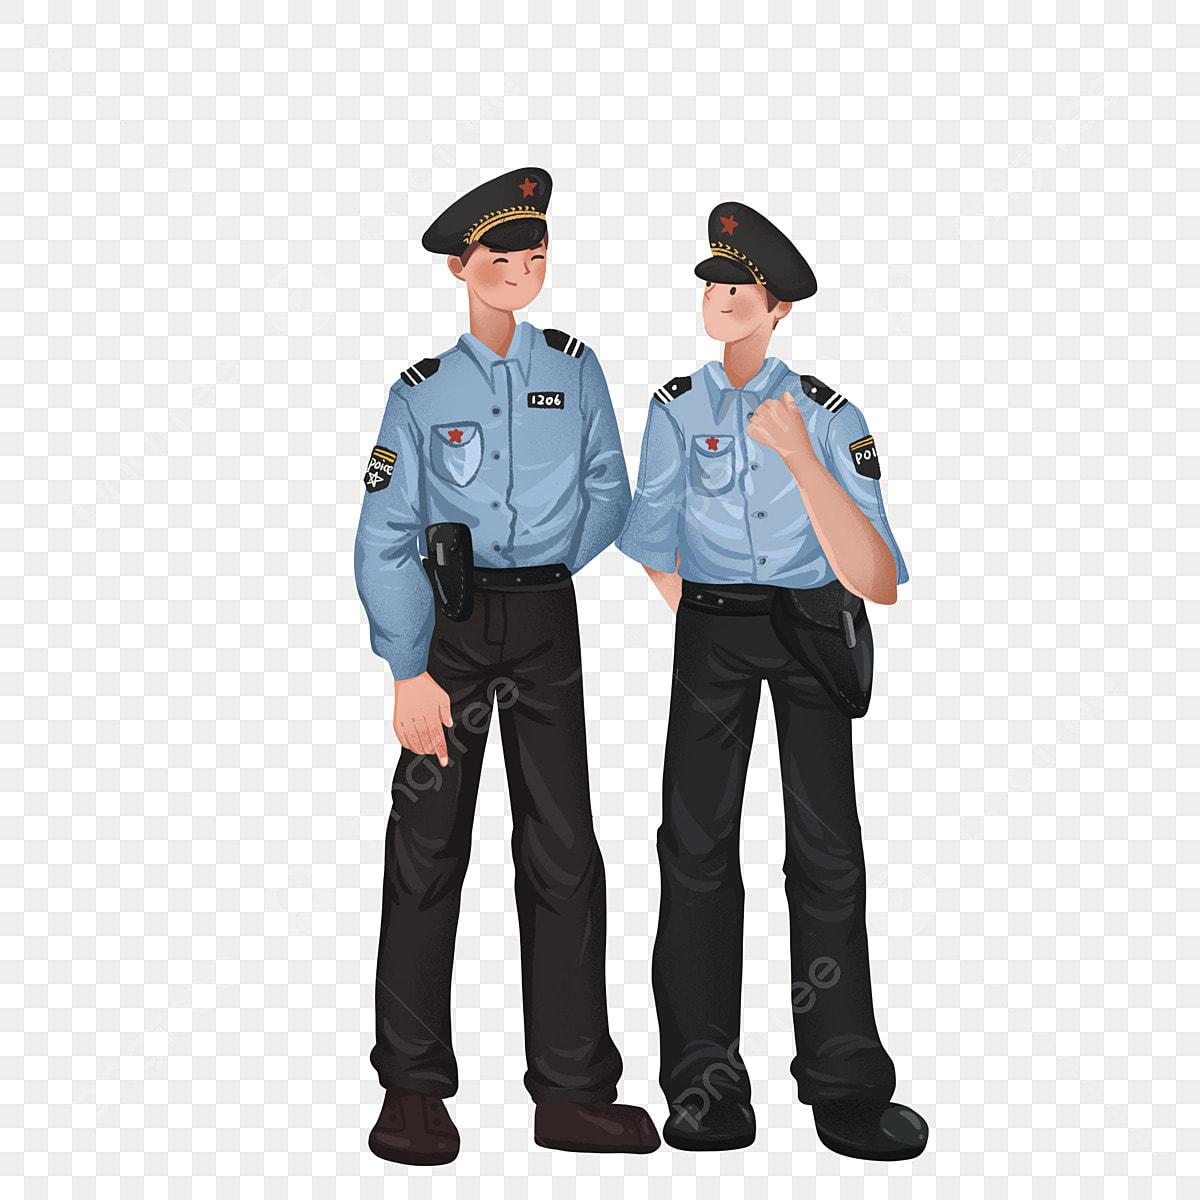 Dessin Animé Police Personnage Patrouille, Homme, Policiers, Patrouille Fichier PNG et PSD pour ...